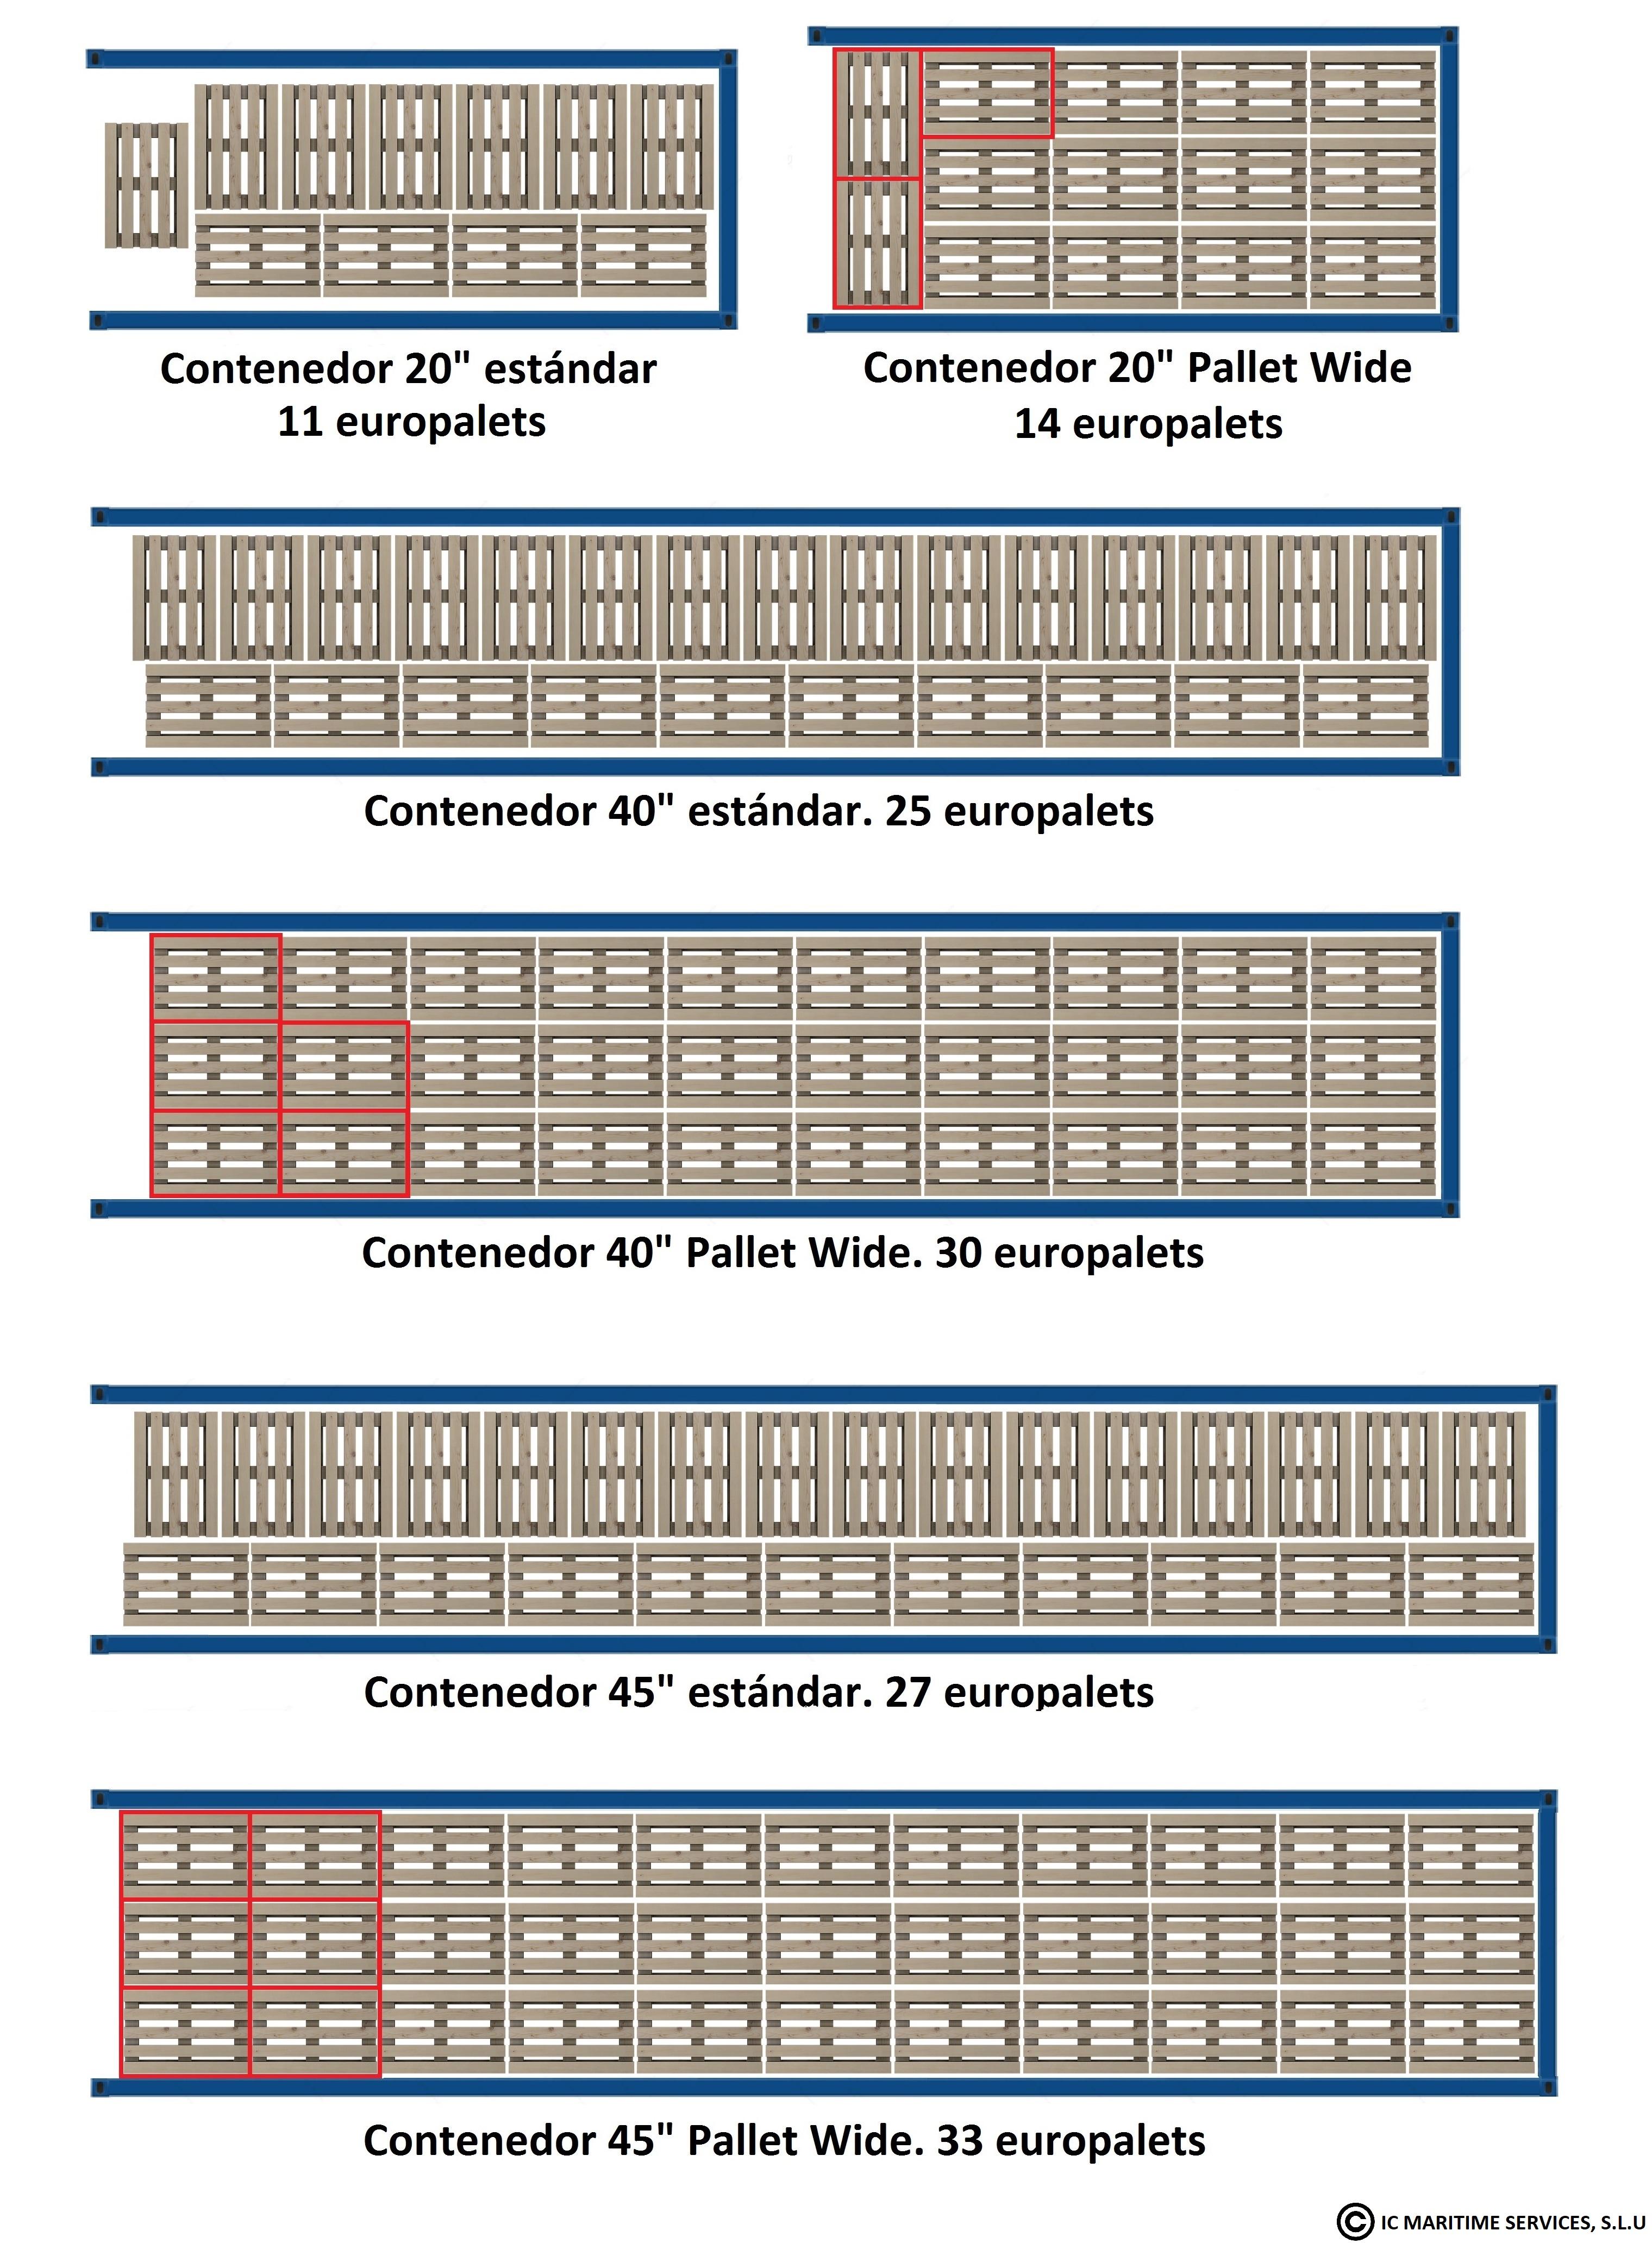 como se puede apreciar la mayor anchura permite una mejor optimizacin del espacio que se traduce en capacidad para un mayor nmero de europalets en su - Europalets